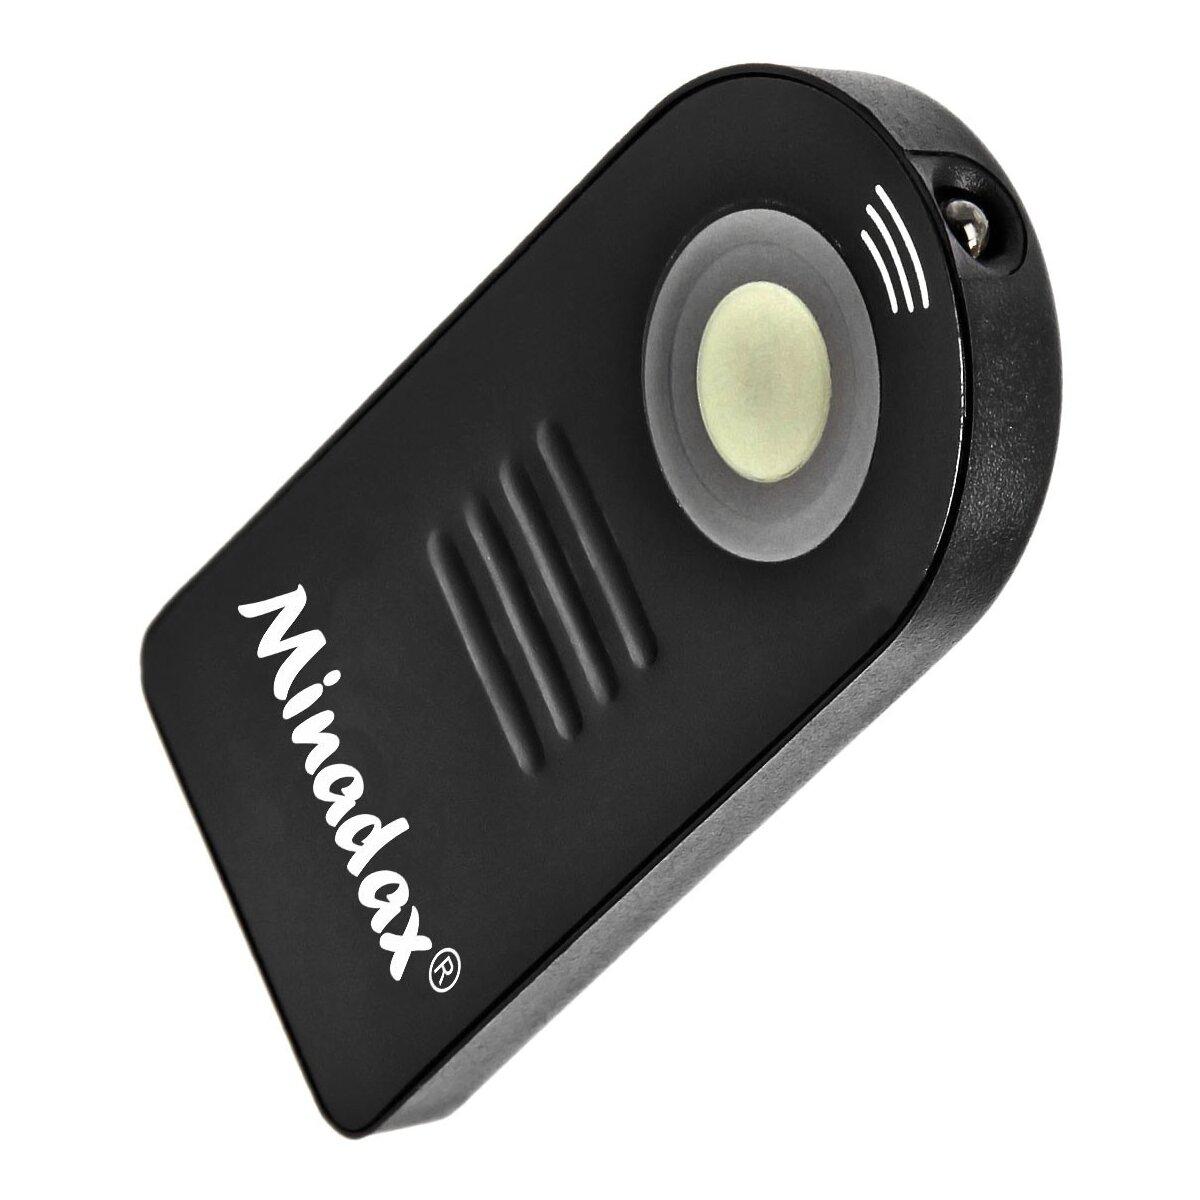 IR-Ausloeser/Fernbedienung fuer Nikon D40 D40x D50 D60 D70(s) D80 wie ML-L3 MLL3